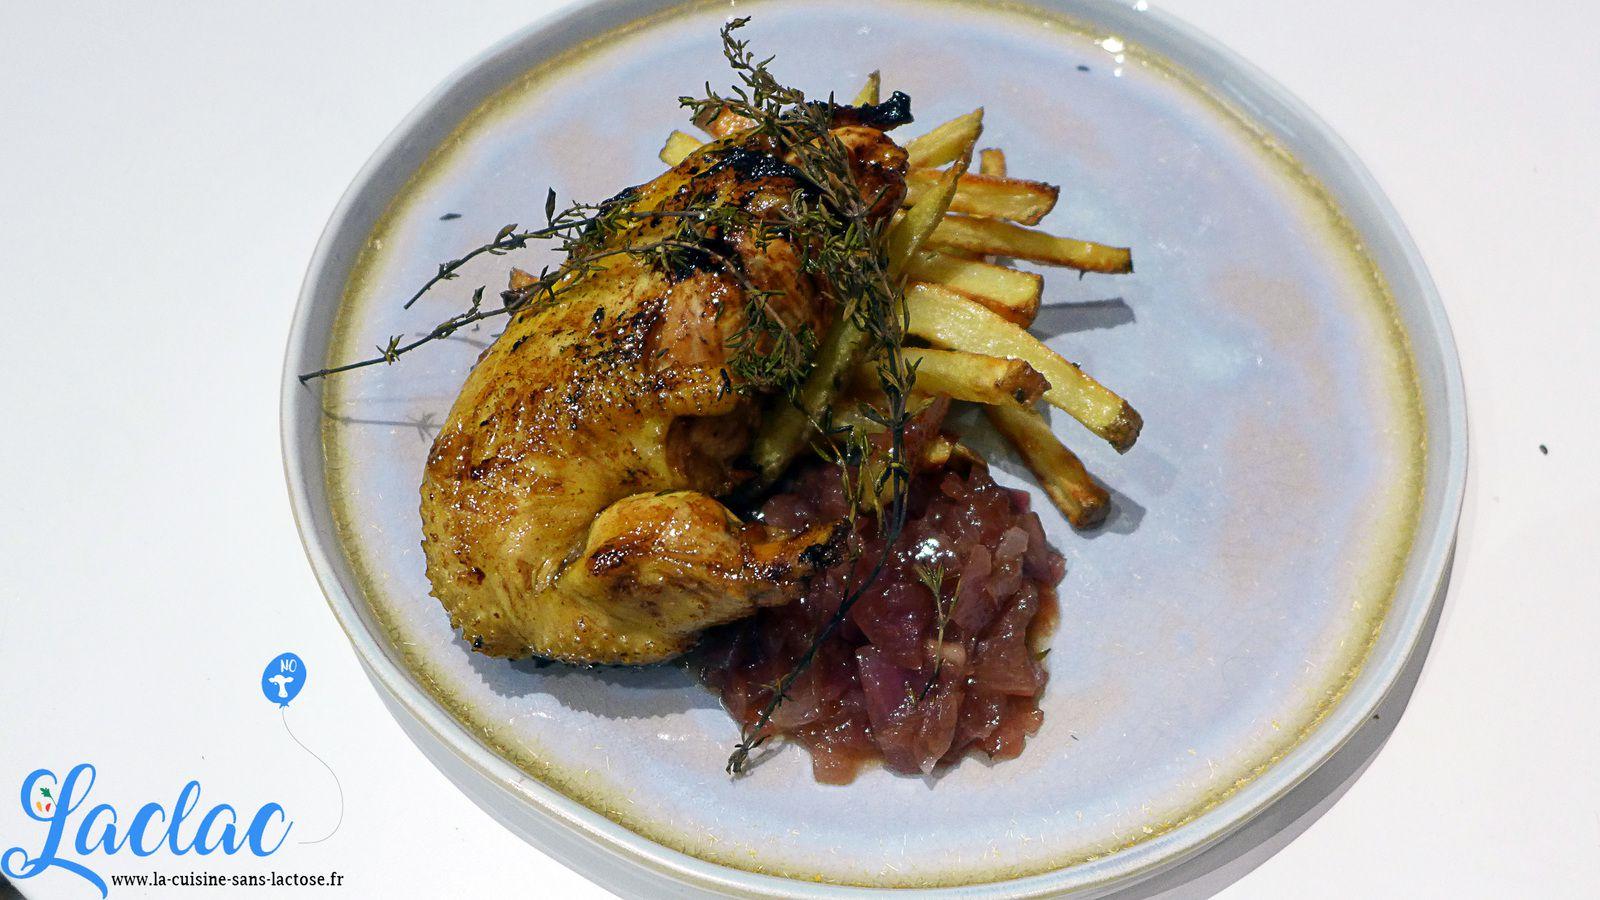 Suprêmes de Poulet au Porto, Frites au Four, Ketchup d'Oignons Rouges ! (JLCTC20 #6)